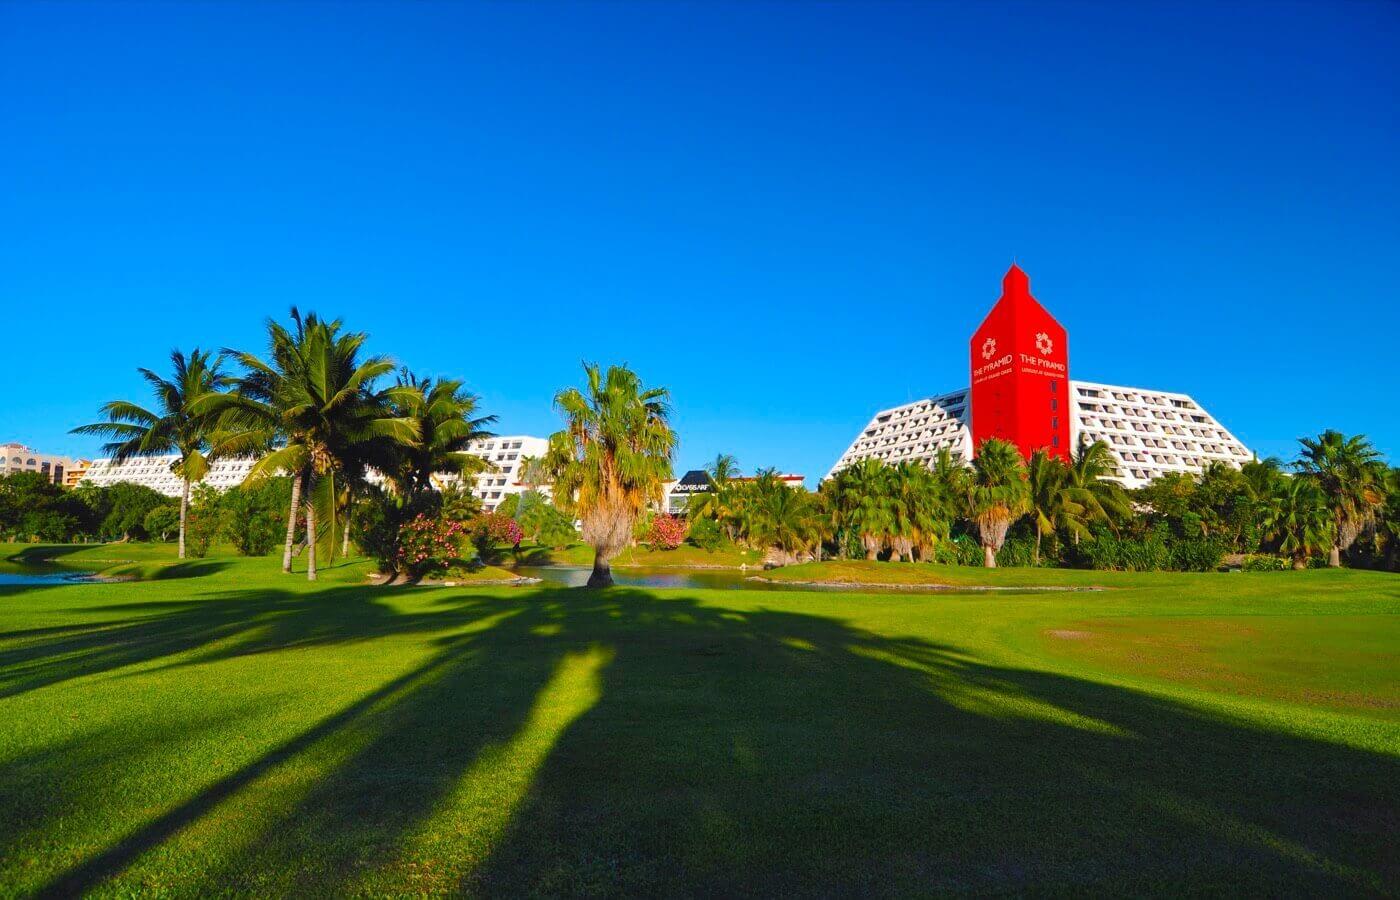 Campo de golf con fachada de hotel The Pyramid at Grand Oasis